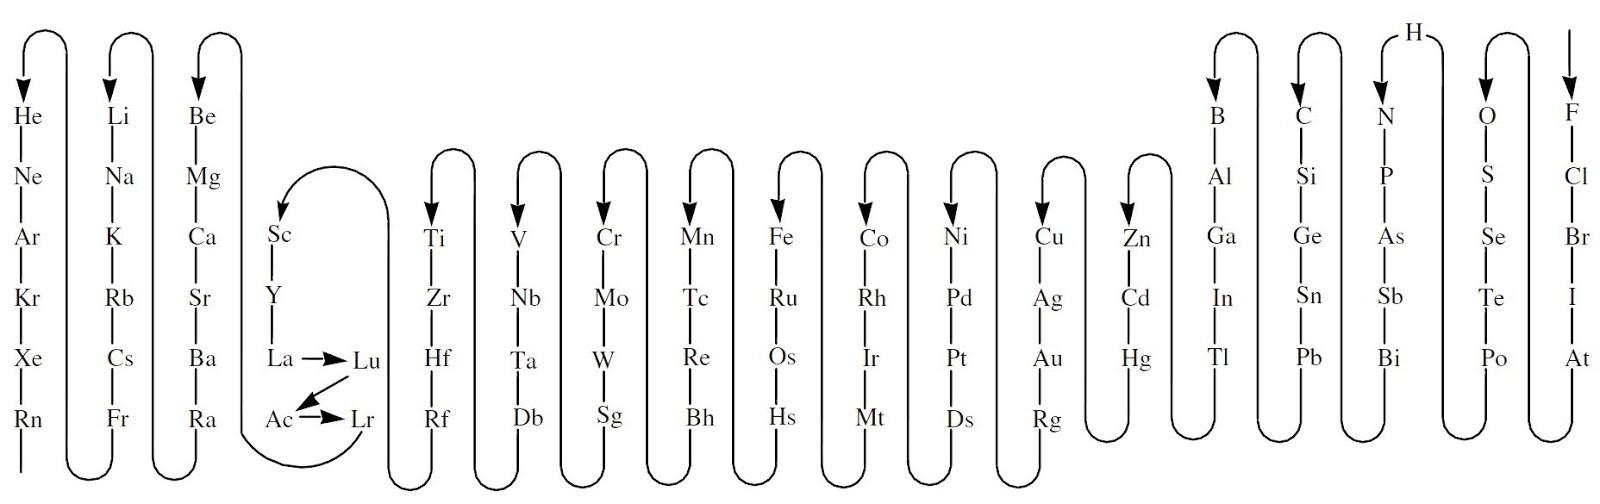 El blog de vctor formulacin y nomenclatura qumica inorgnica orden de elementos para formulacin segn iupac 2005 urtaz Images